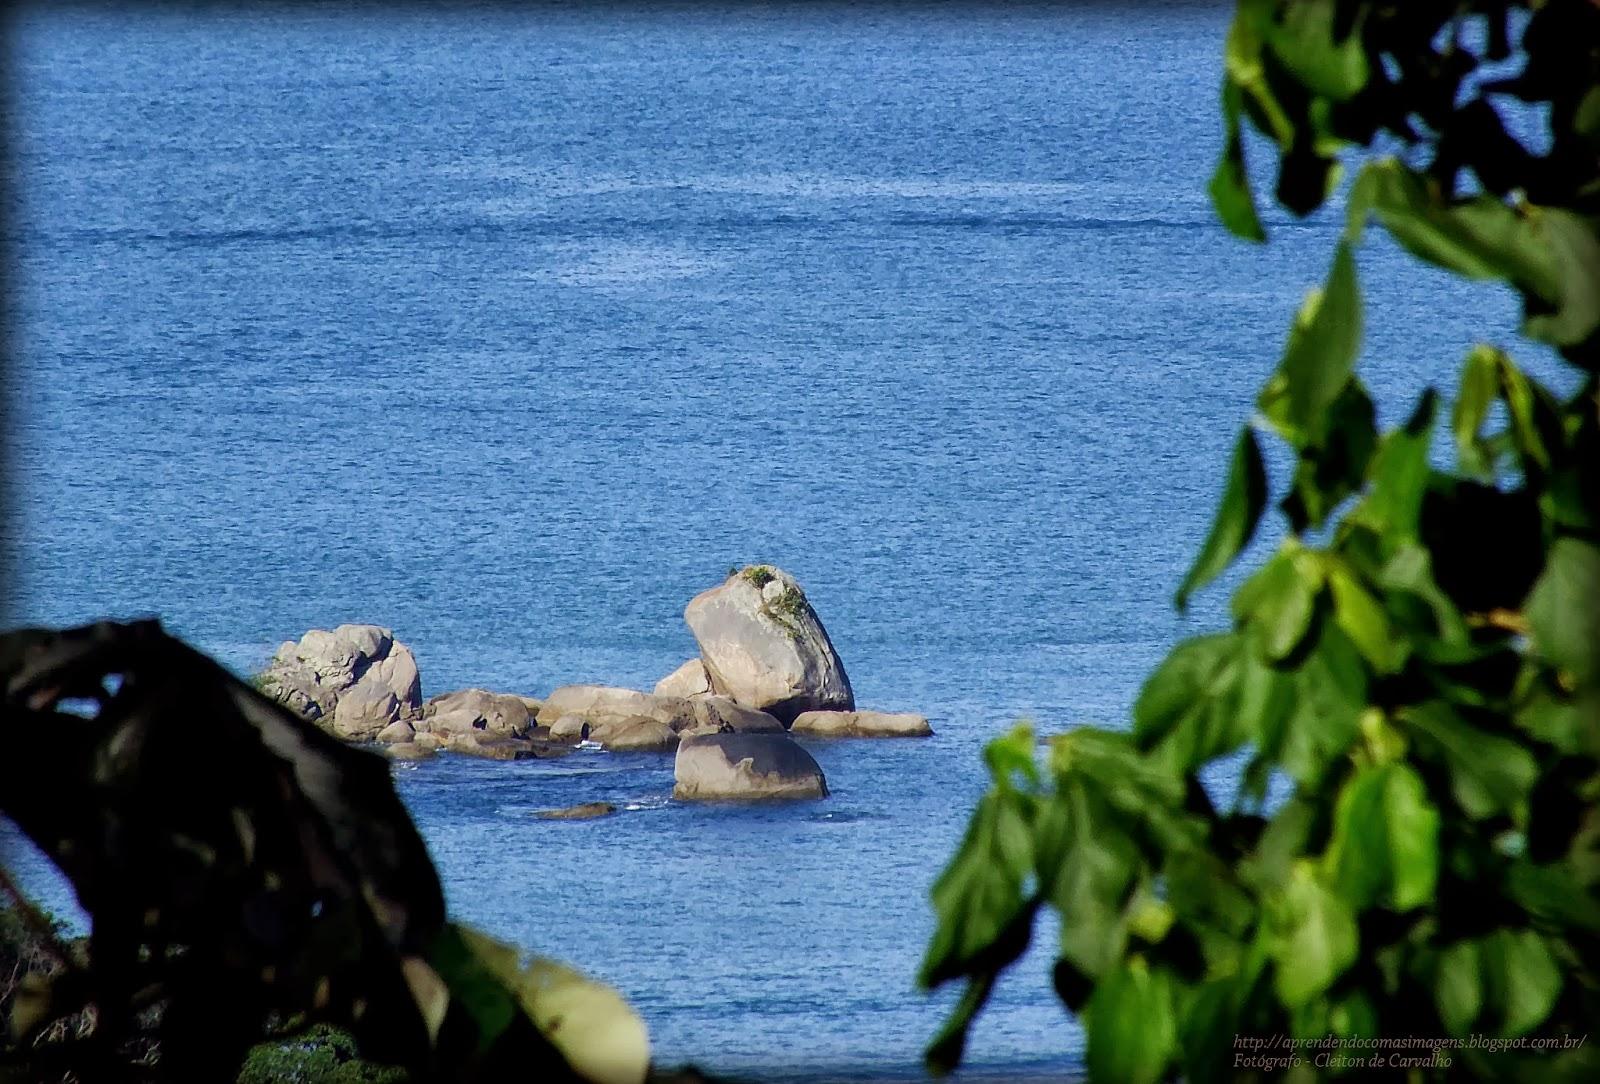 http://aprendendocomasimagens.blogspot.com/2013/10/uma-visao-ampla-de-um-horizonte-marcada.html - Mesmo em uma simples imagem, tem aquela que nos revela alguma surpresa imaginária. A imaginação não se acha no olhar e sim ao enxergar...